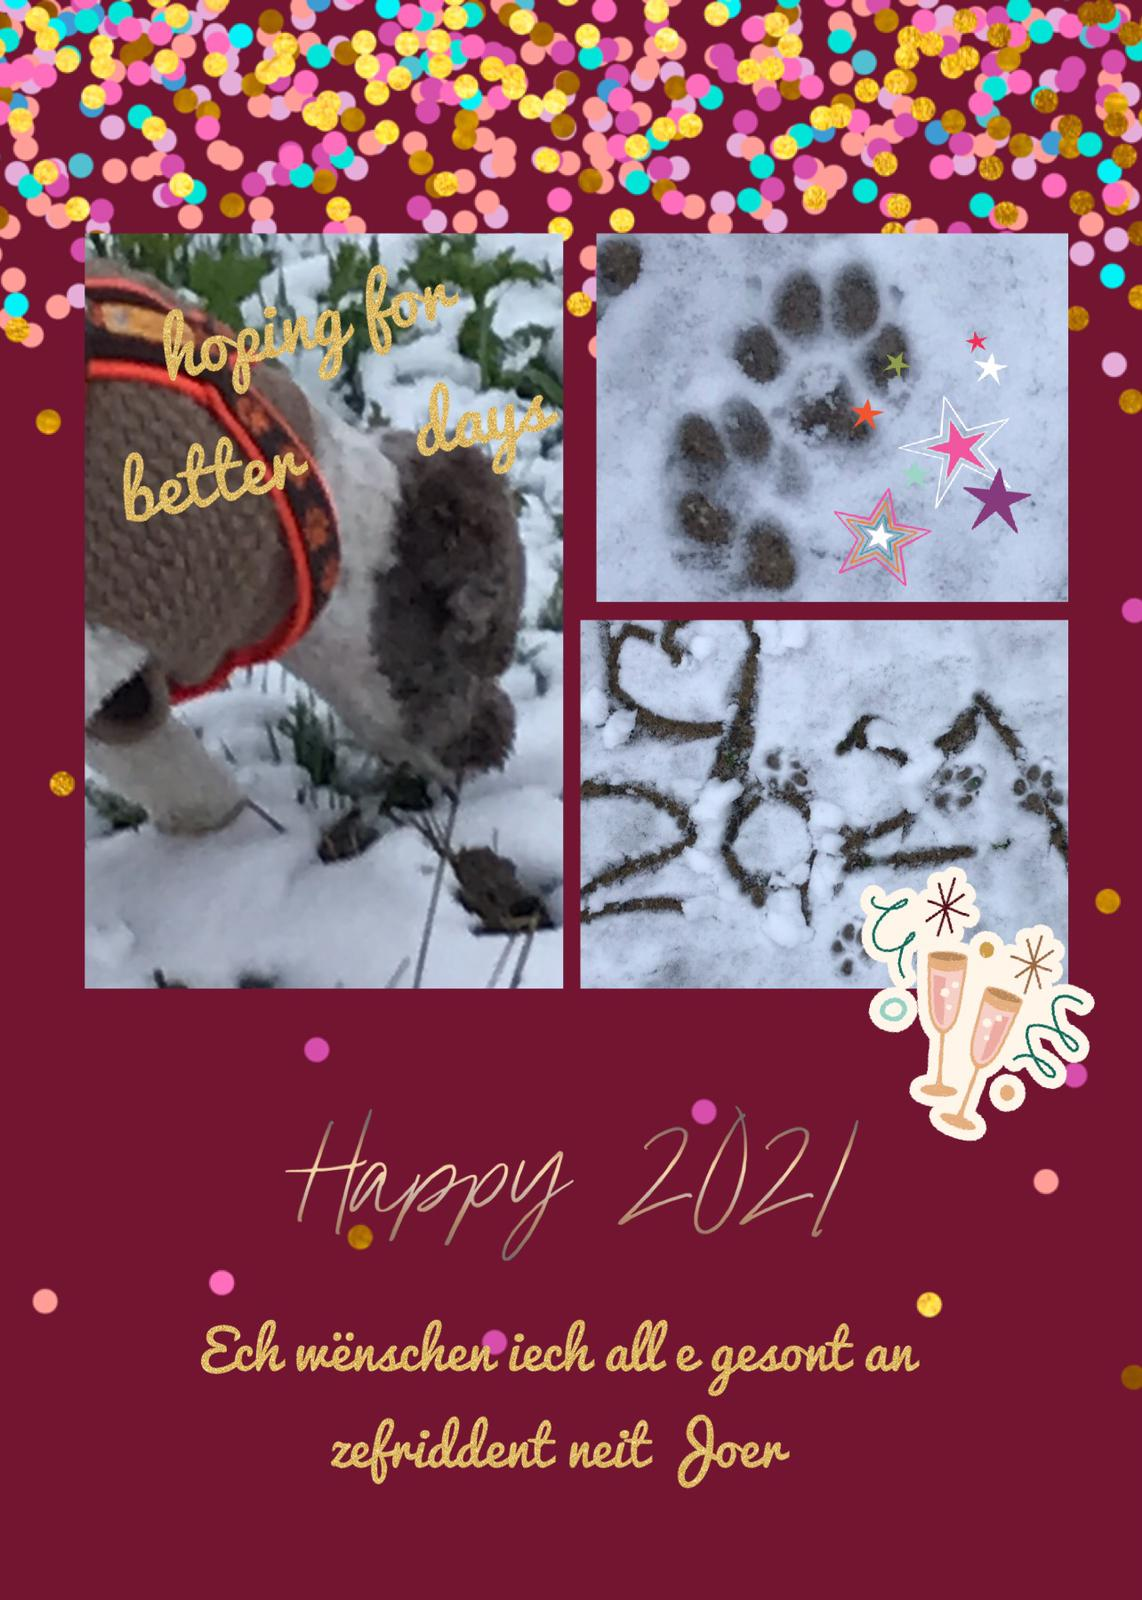 Happy new year wünschen Fina und Frauchen Joelle